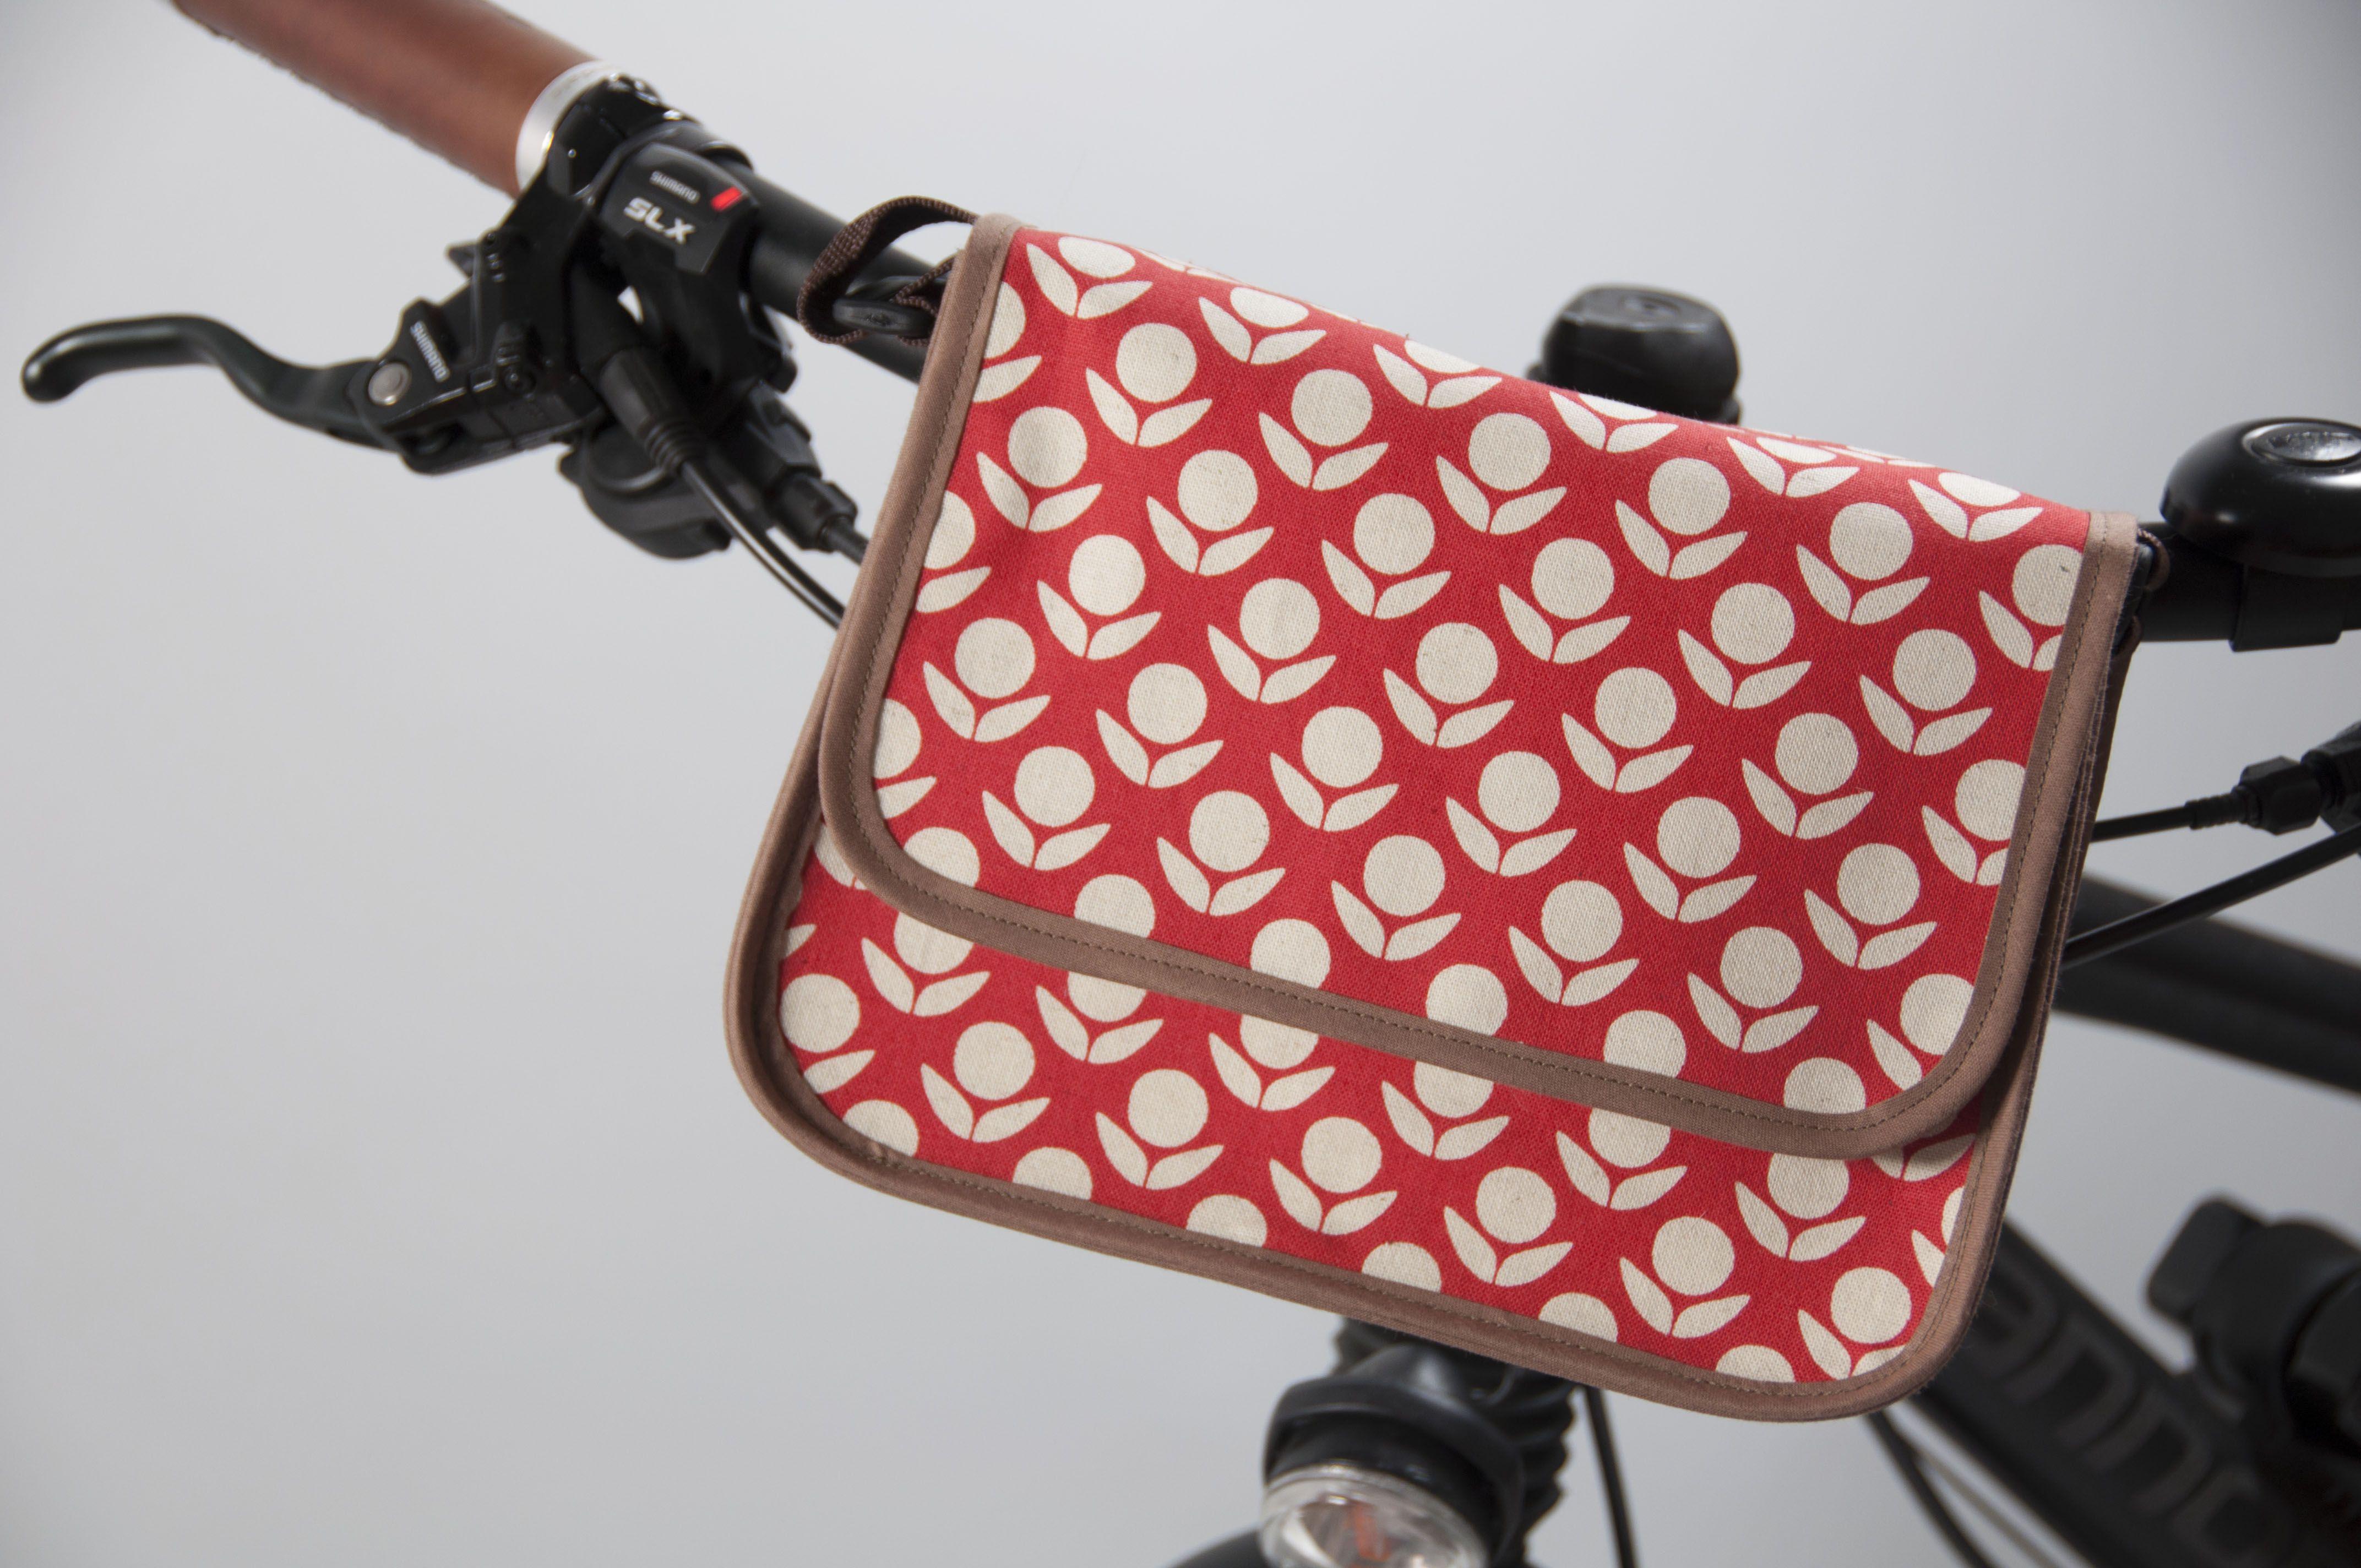 Nahanleitung Umhangetasche Und Fahrradtasche Fahrradtasche Tasche Nahen Anleitung Und Lenkertasche Nahen